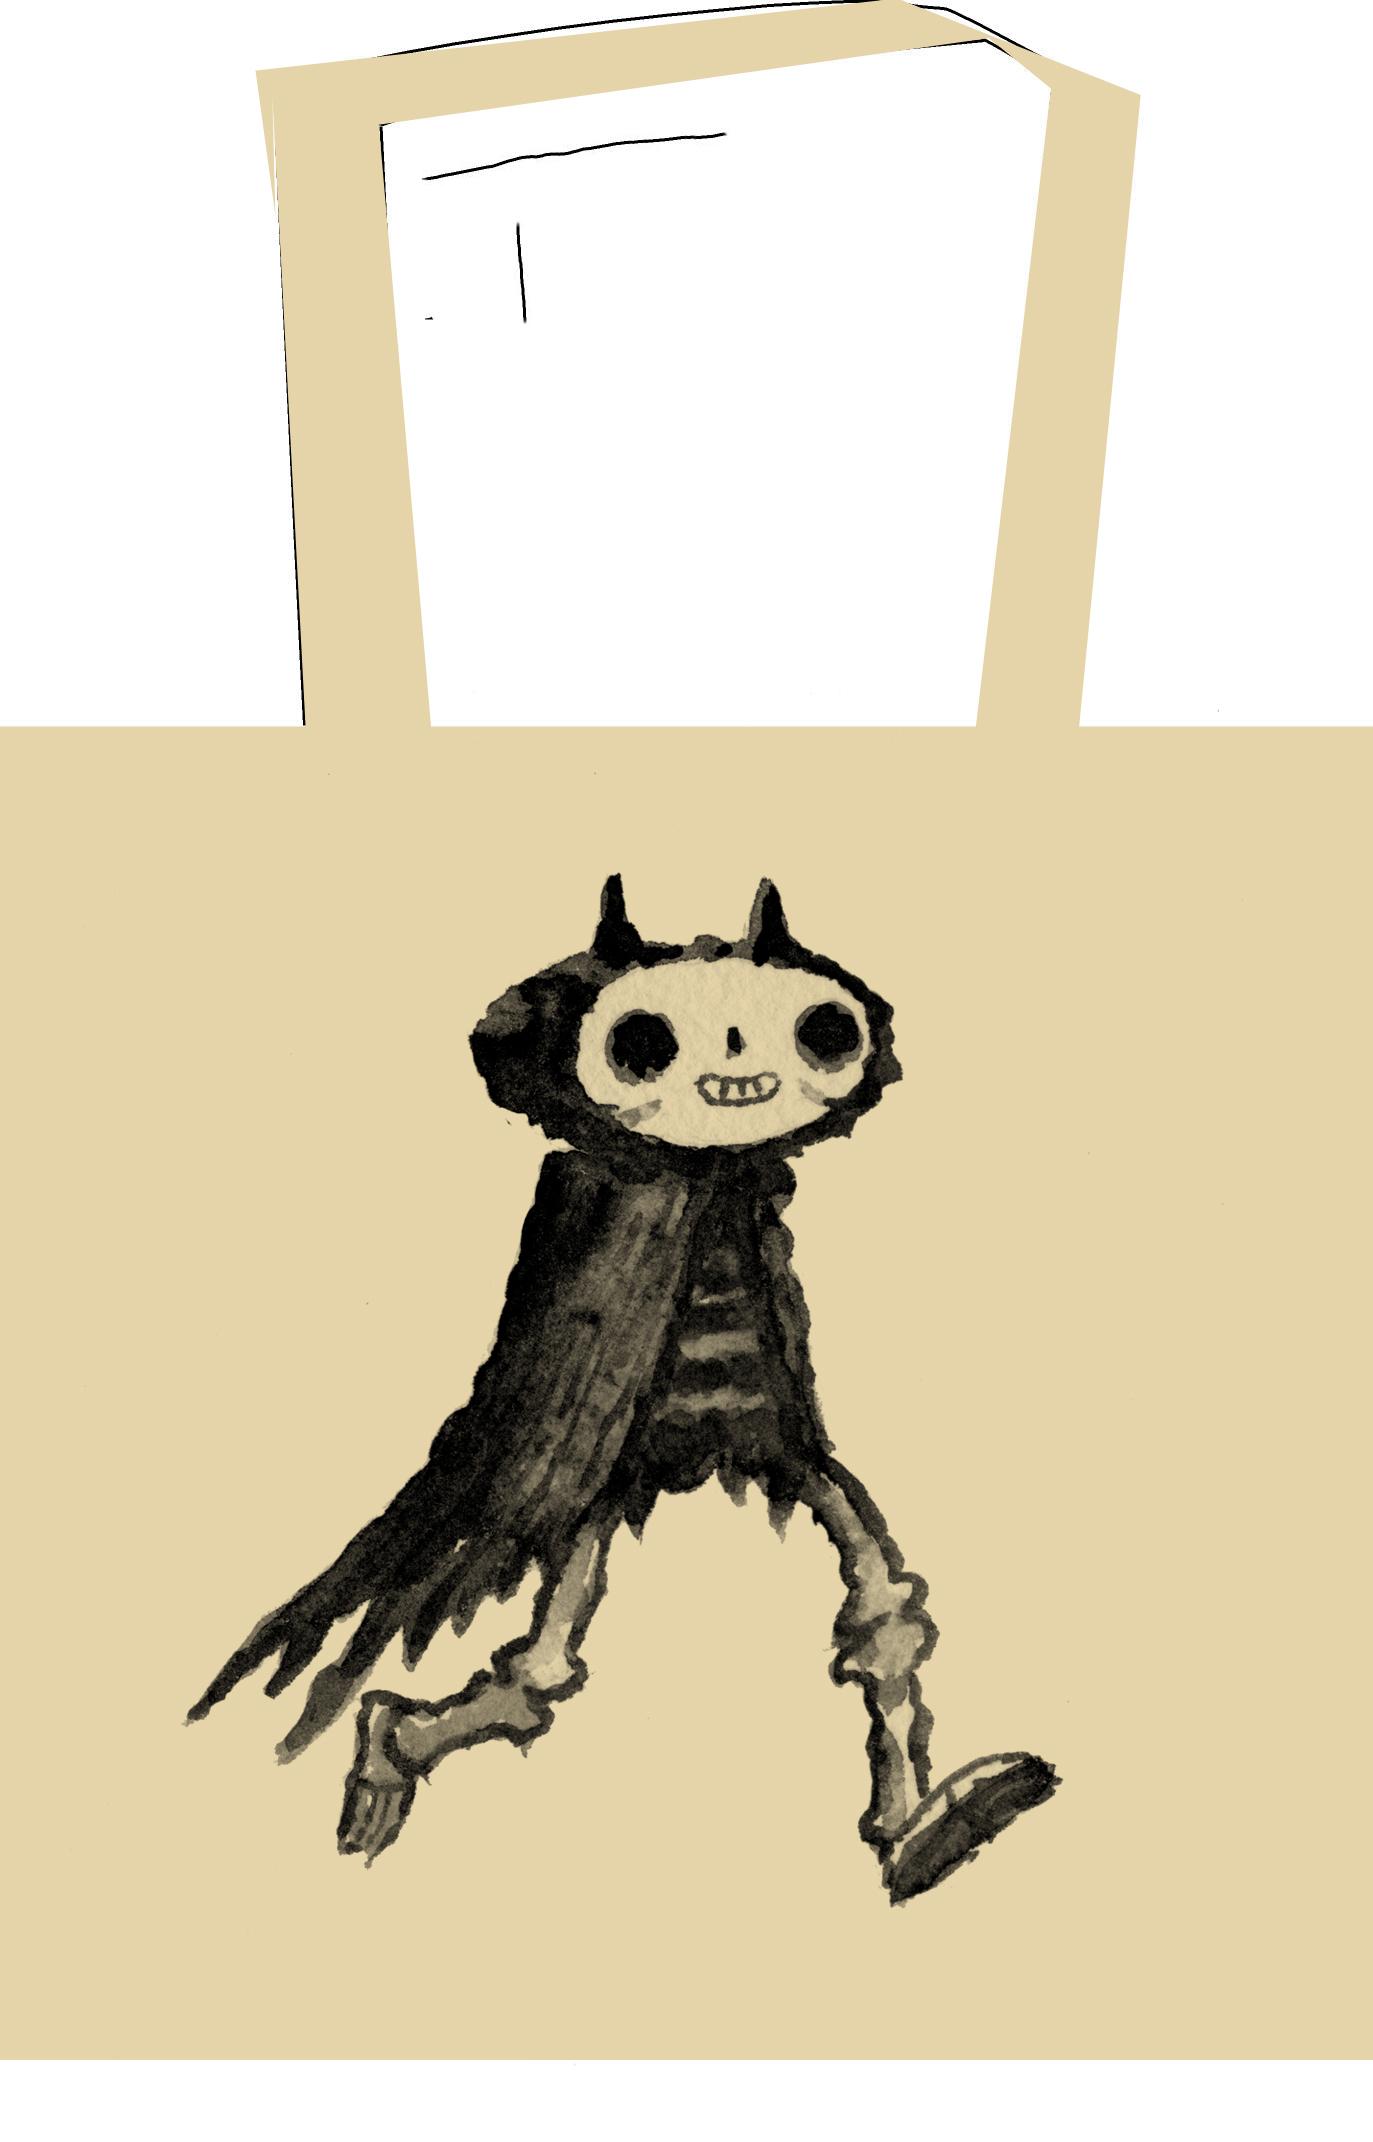 Totes_SkeletonDevil-copy.jpg